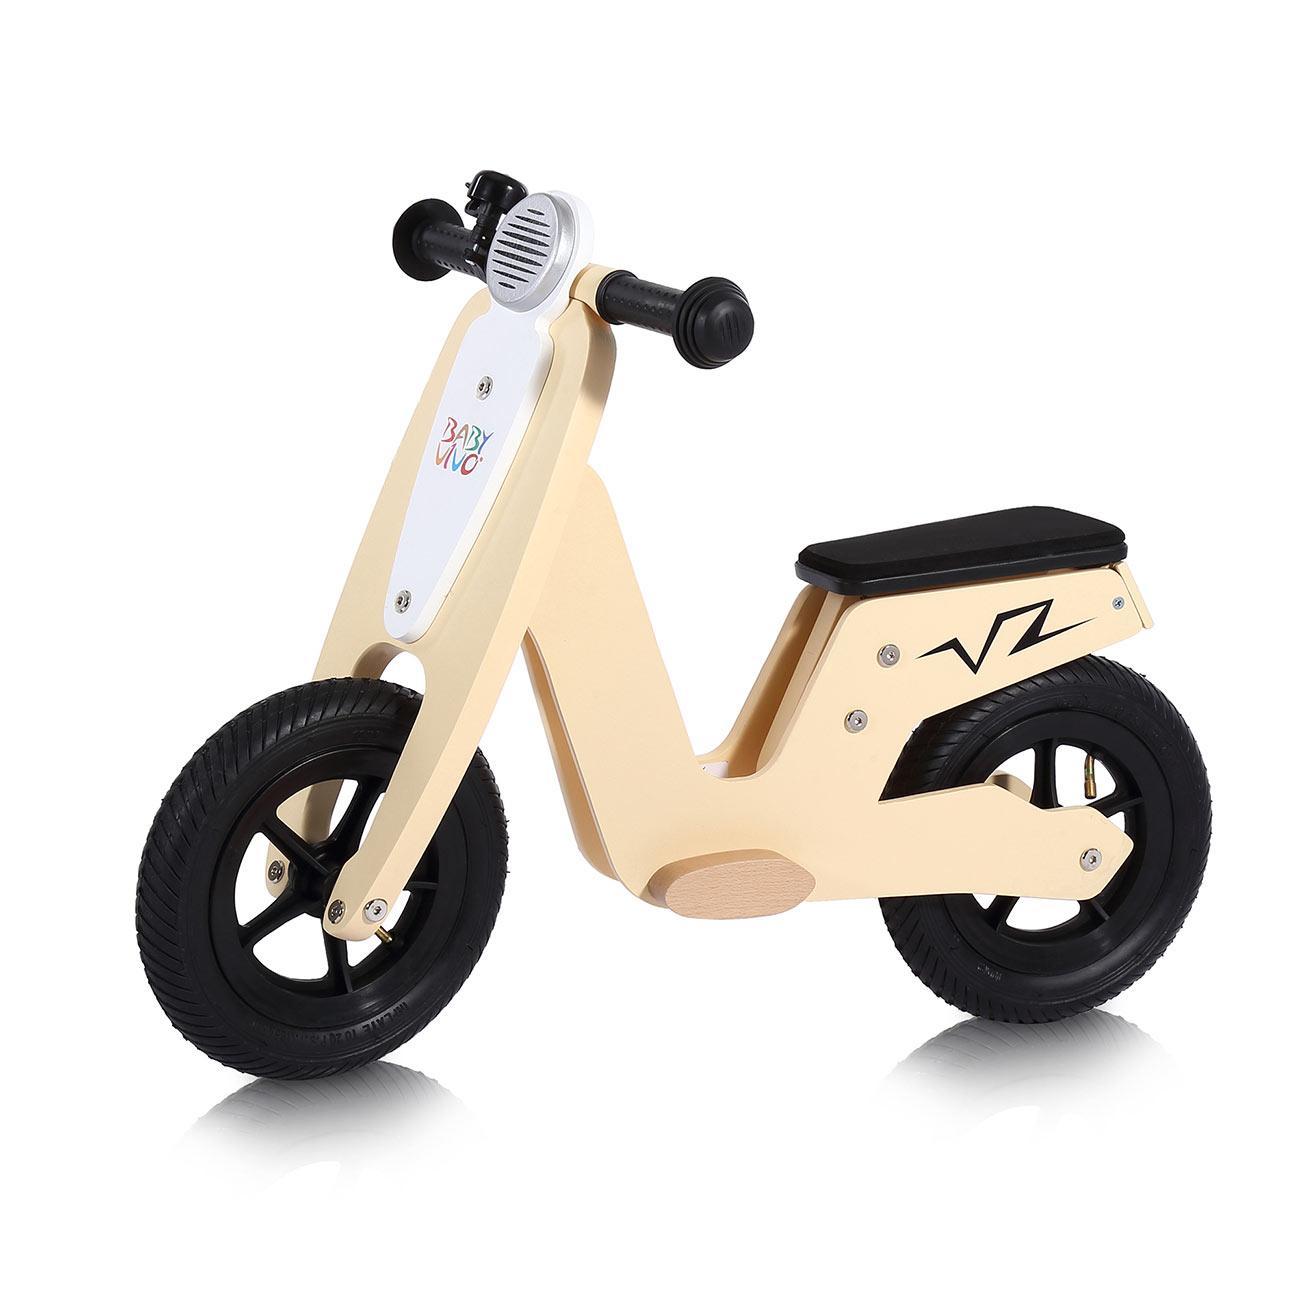 Baby Vivo Bicicletta Per Bambini 10 Pollici In Legno Con Campanello Capri Ma Trading